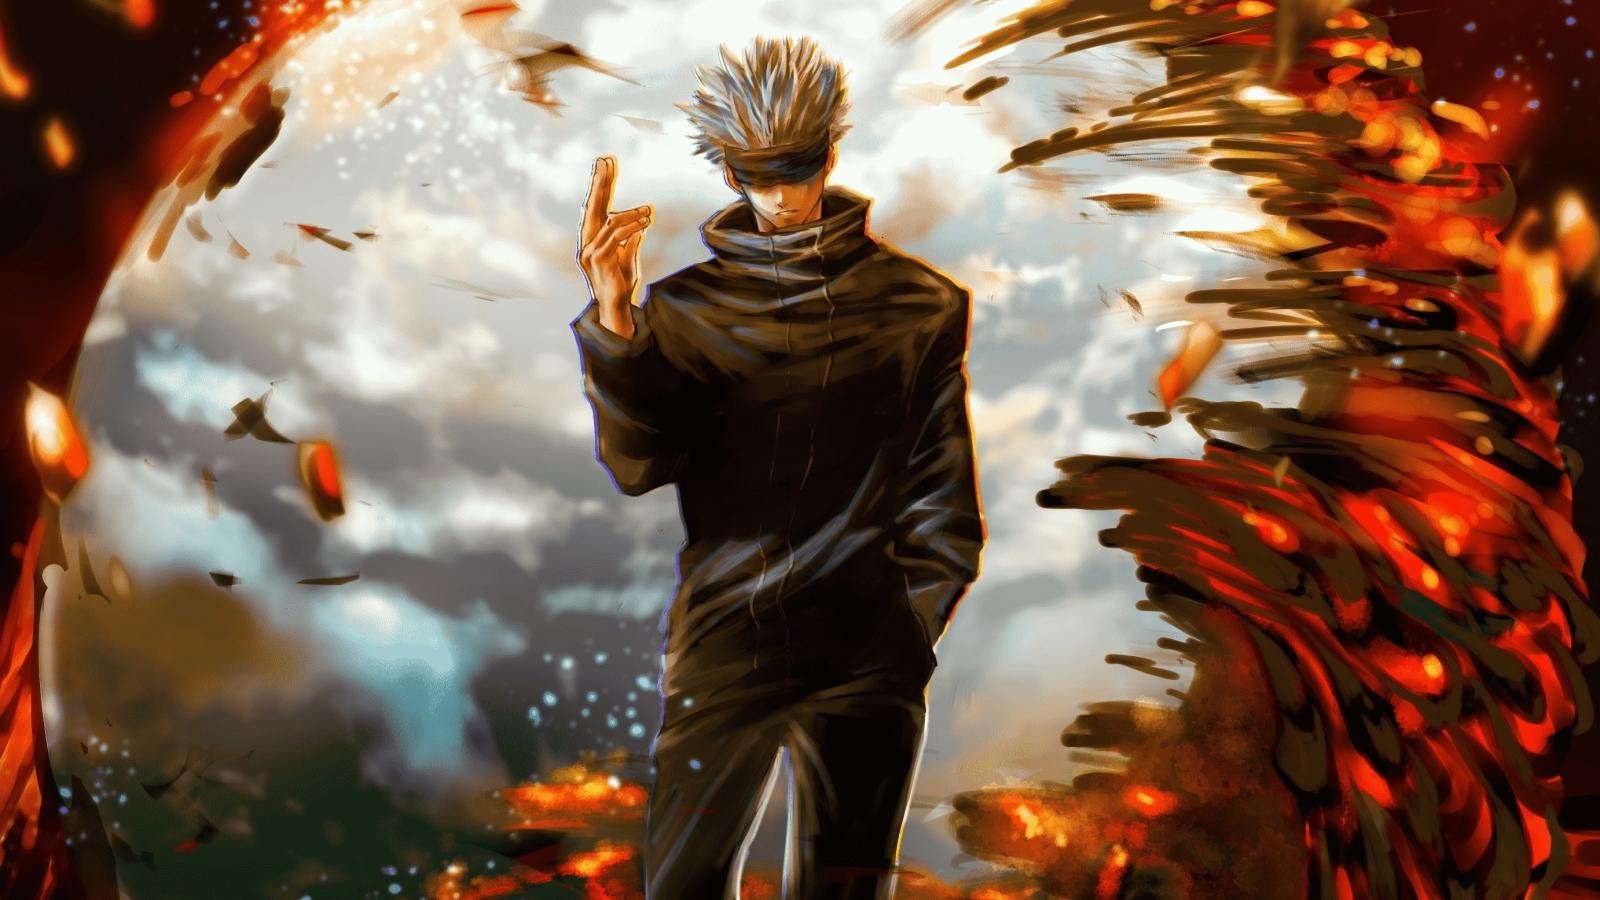 1600x900 Satoru Gojo Jujutsu Kaisen 1600x900 Resolution Wallpaper, HD Anime 4K Wallpapers ...